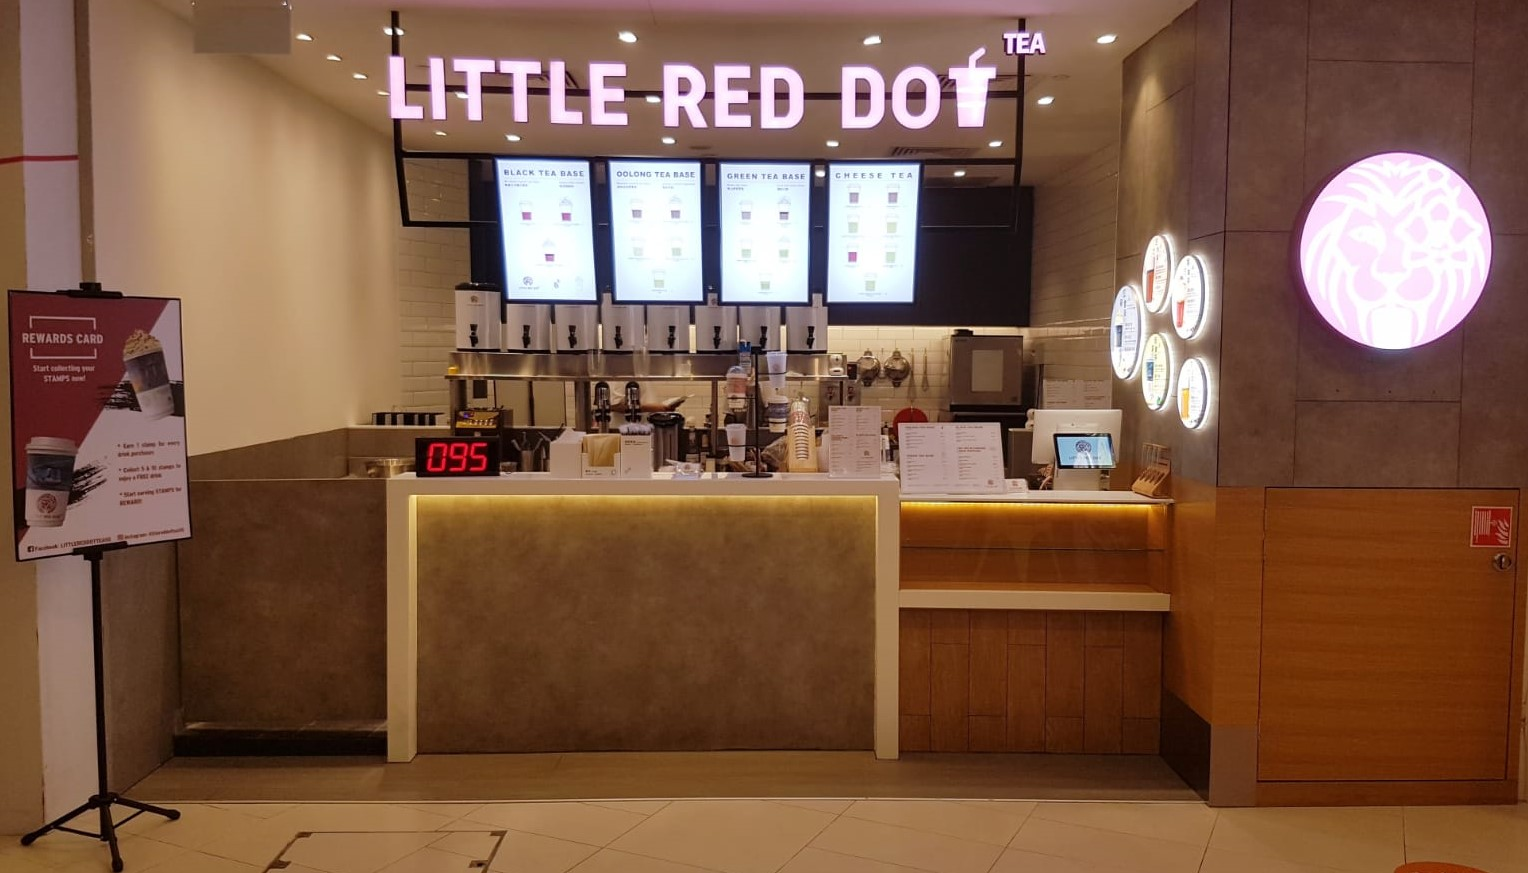 Little Red Dot Tea